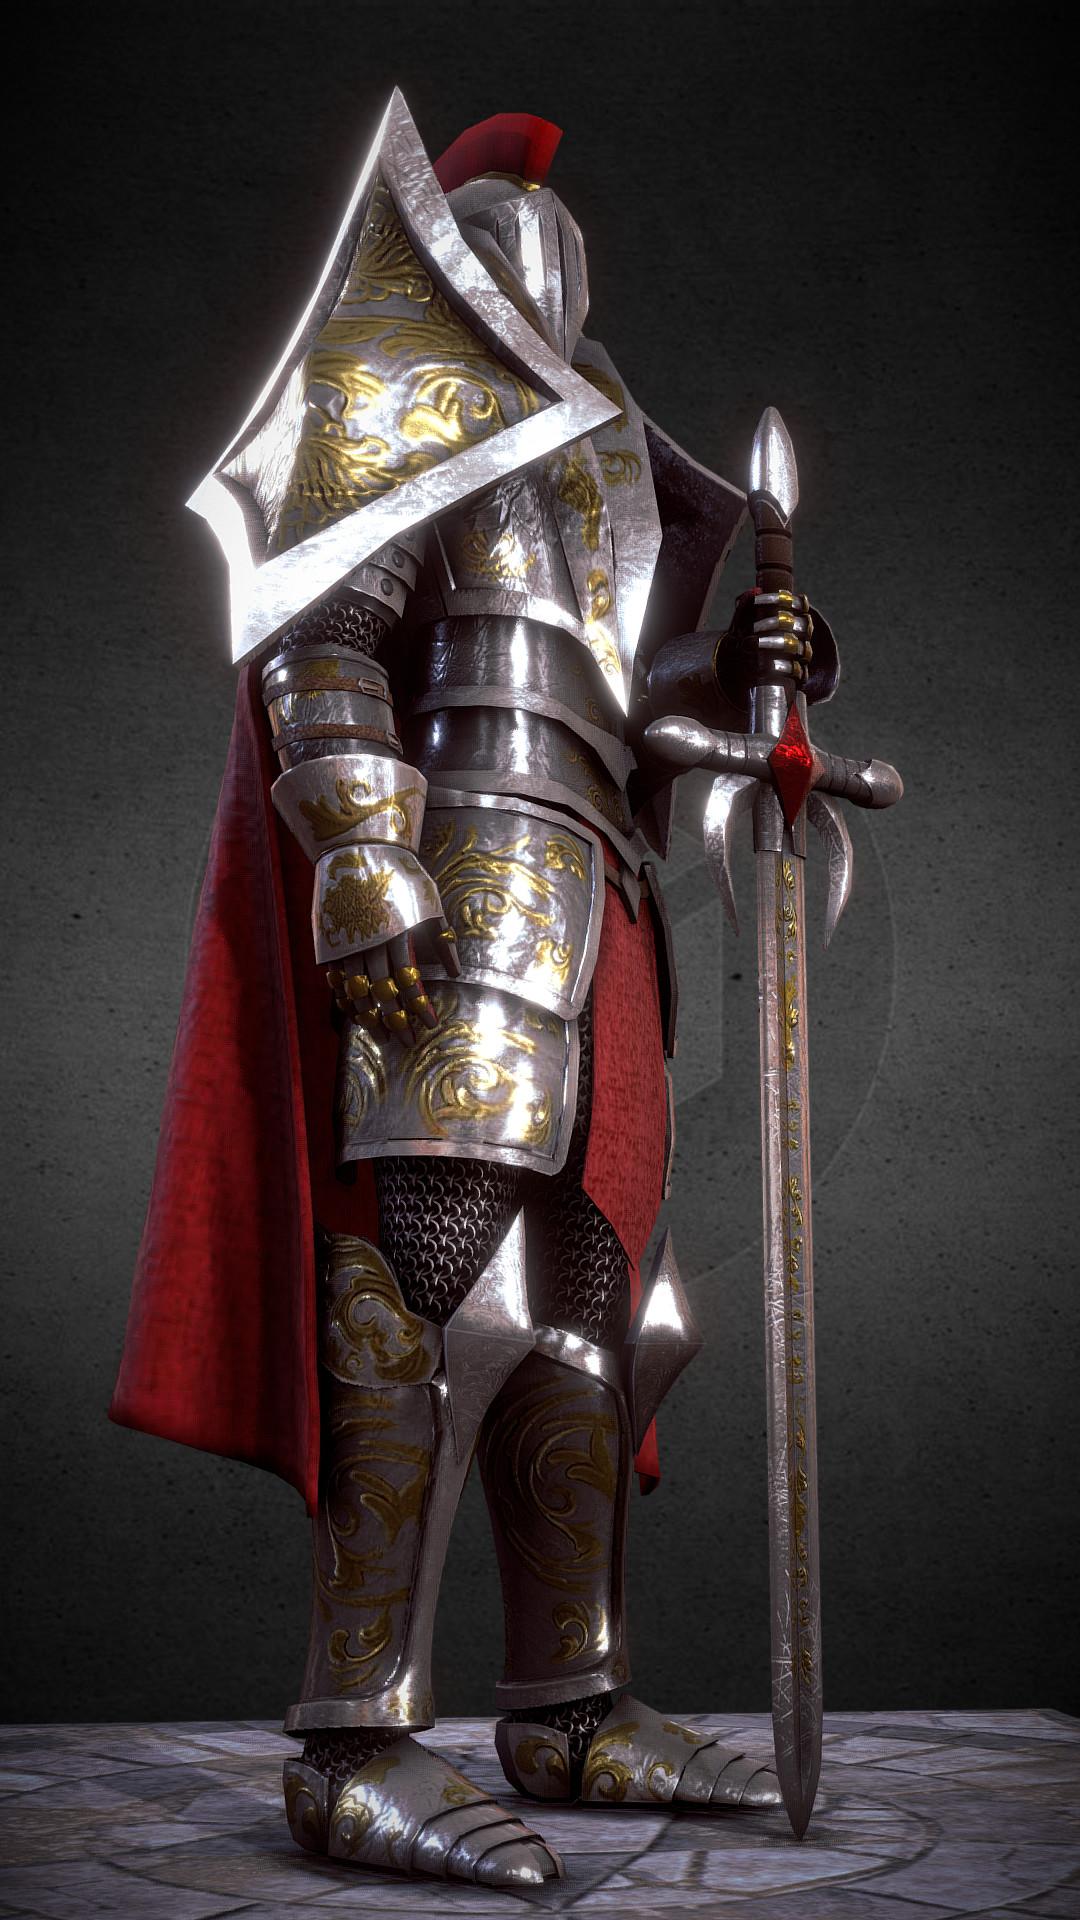 Ivan batalla knight medieval fantasy 2